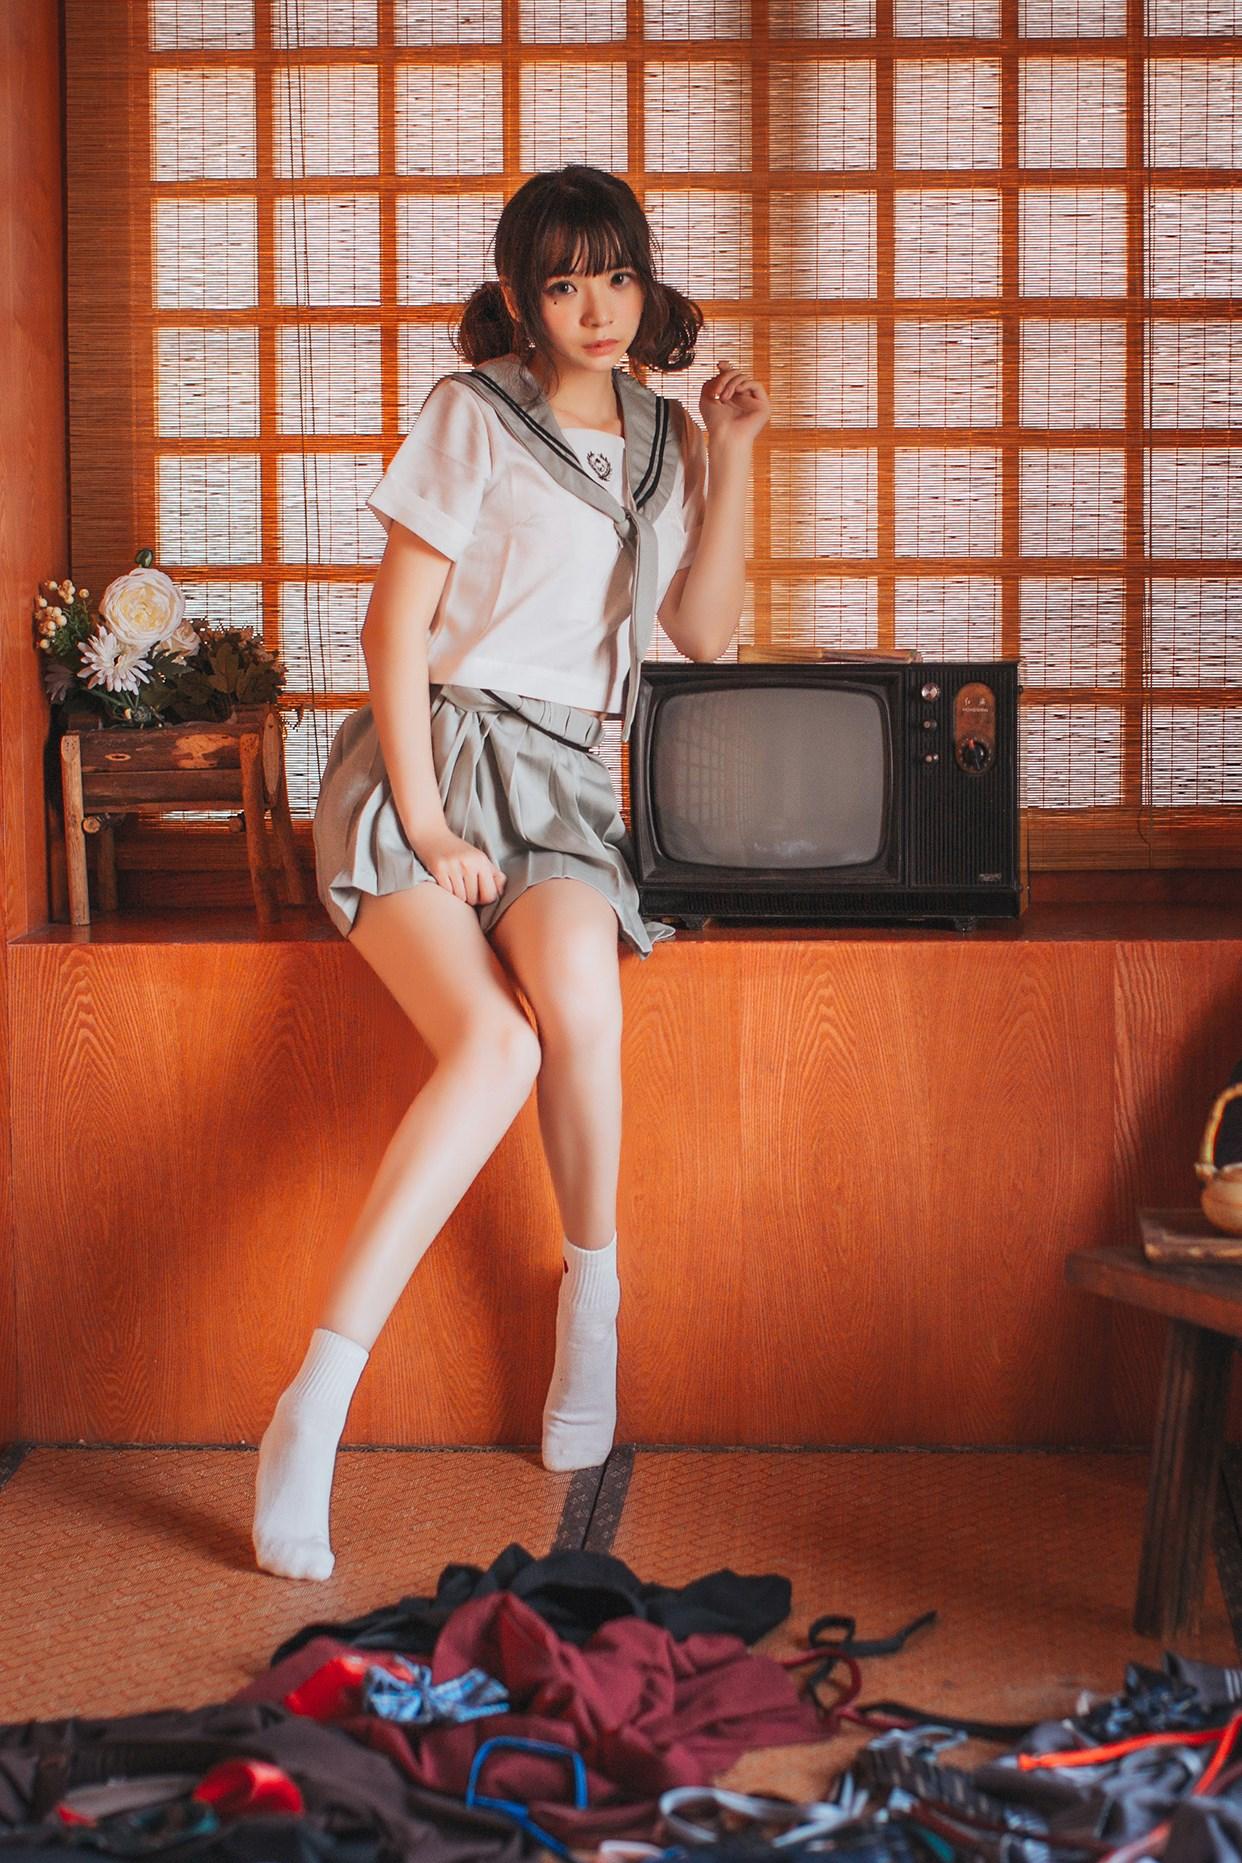 【兔玩映画】黑丝 · JK · 少女 兔玩映画 第44张